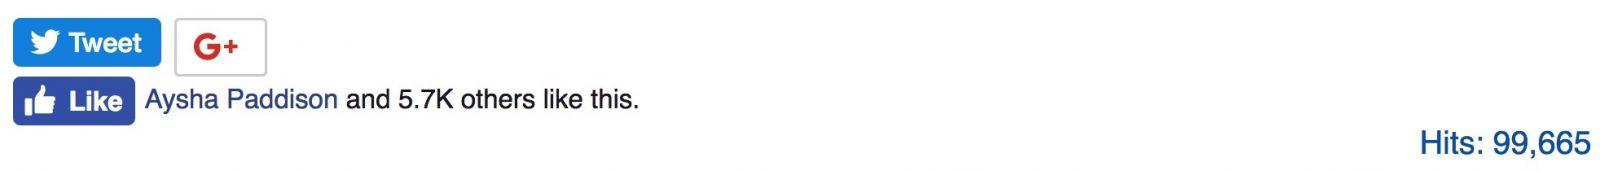 """Дэвид Уилкок. Космическое Раскрытие: """"Потрясающие новые брифинги: Массовые обвинения, целевые аресты и Раскрытие"""" 387_5"""